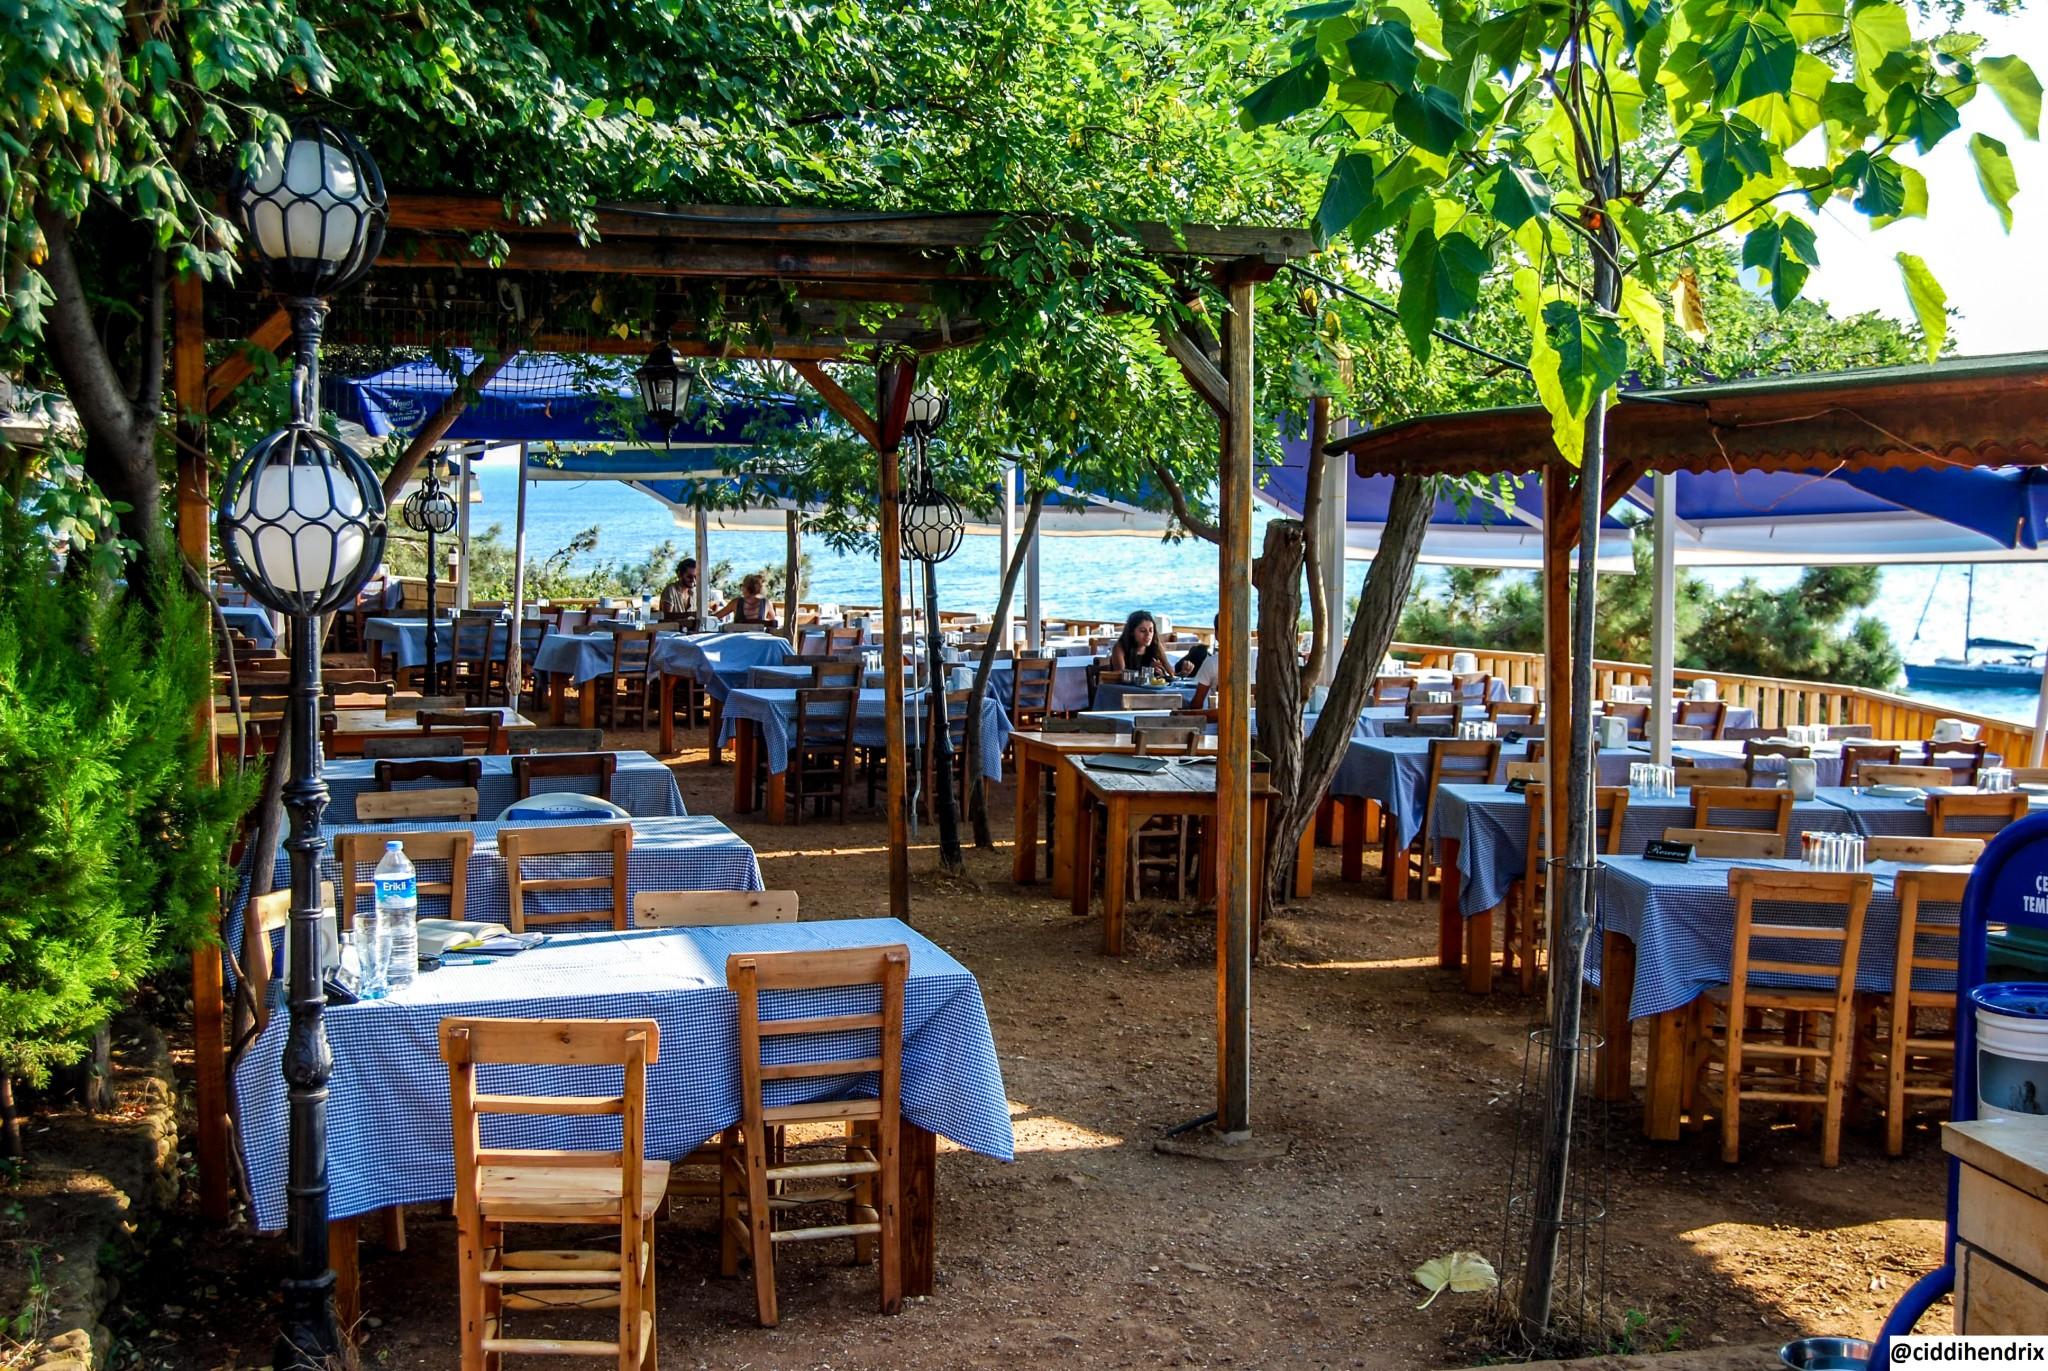 Burgazada Kalpazankaya Restaurant